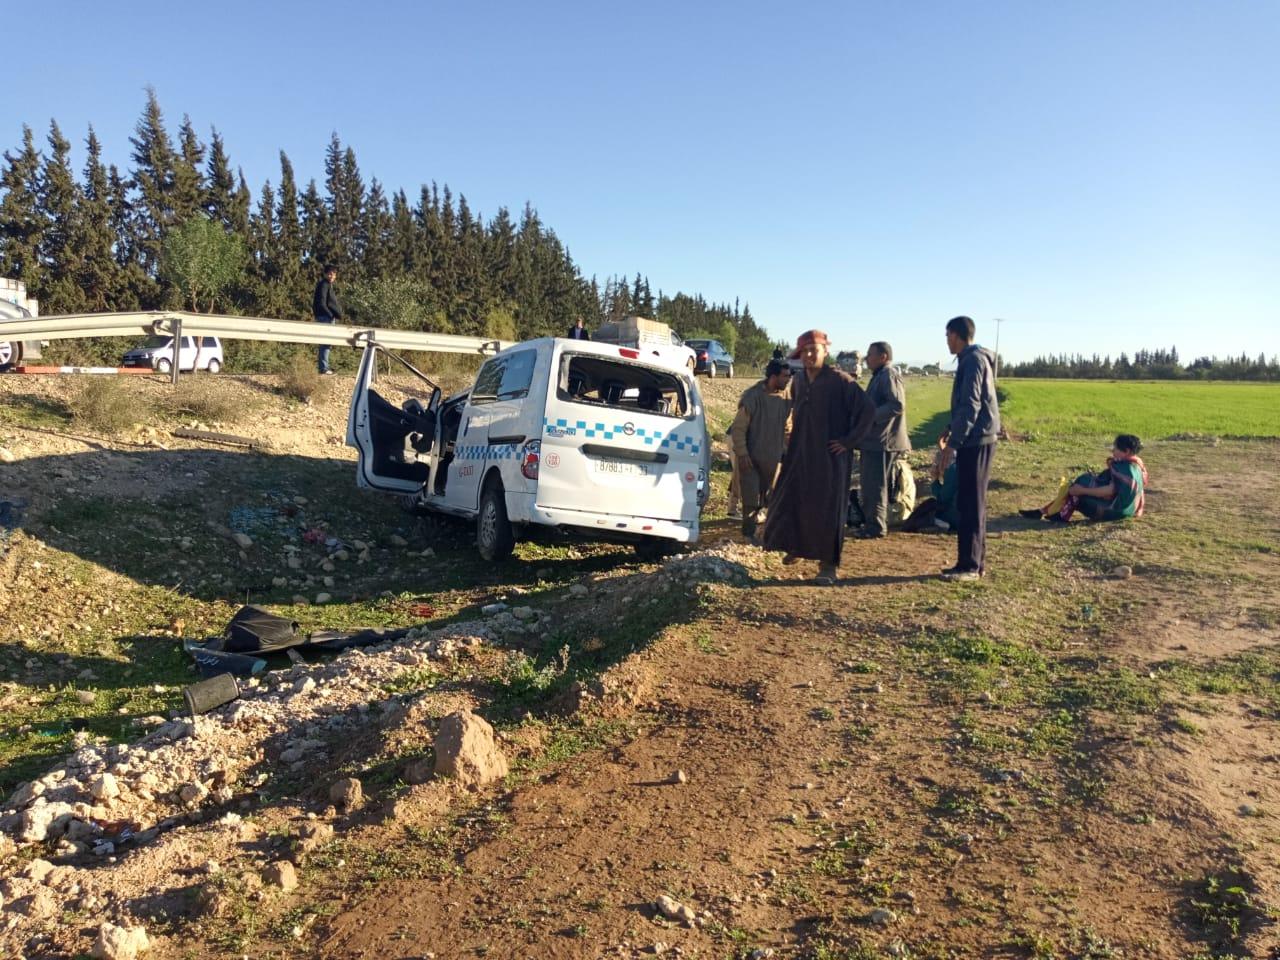 صور/ حادثة سير خطيرة بتارودانت كادت أن تنهي حياة 3 نساء !